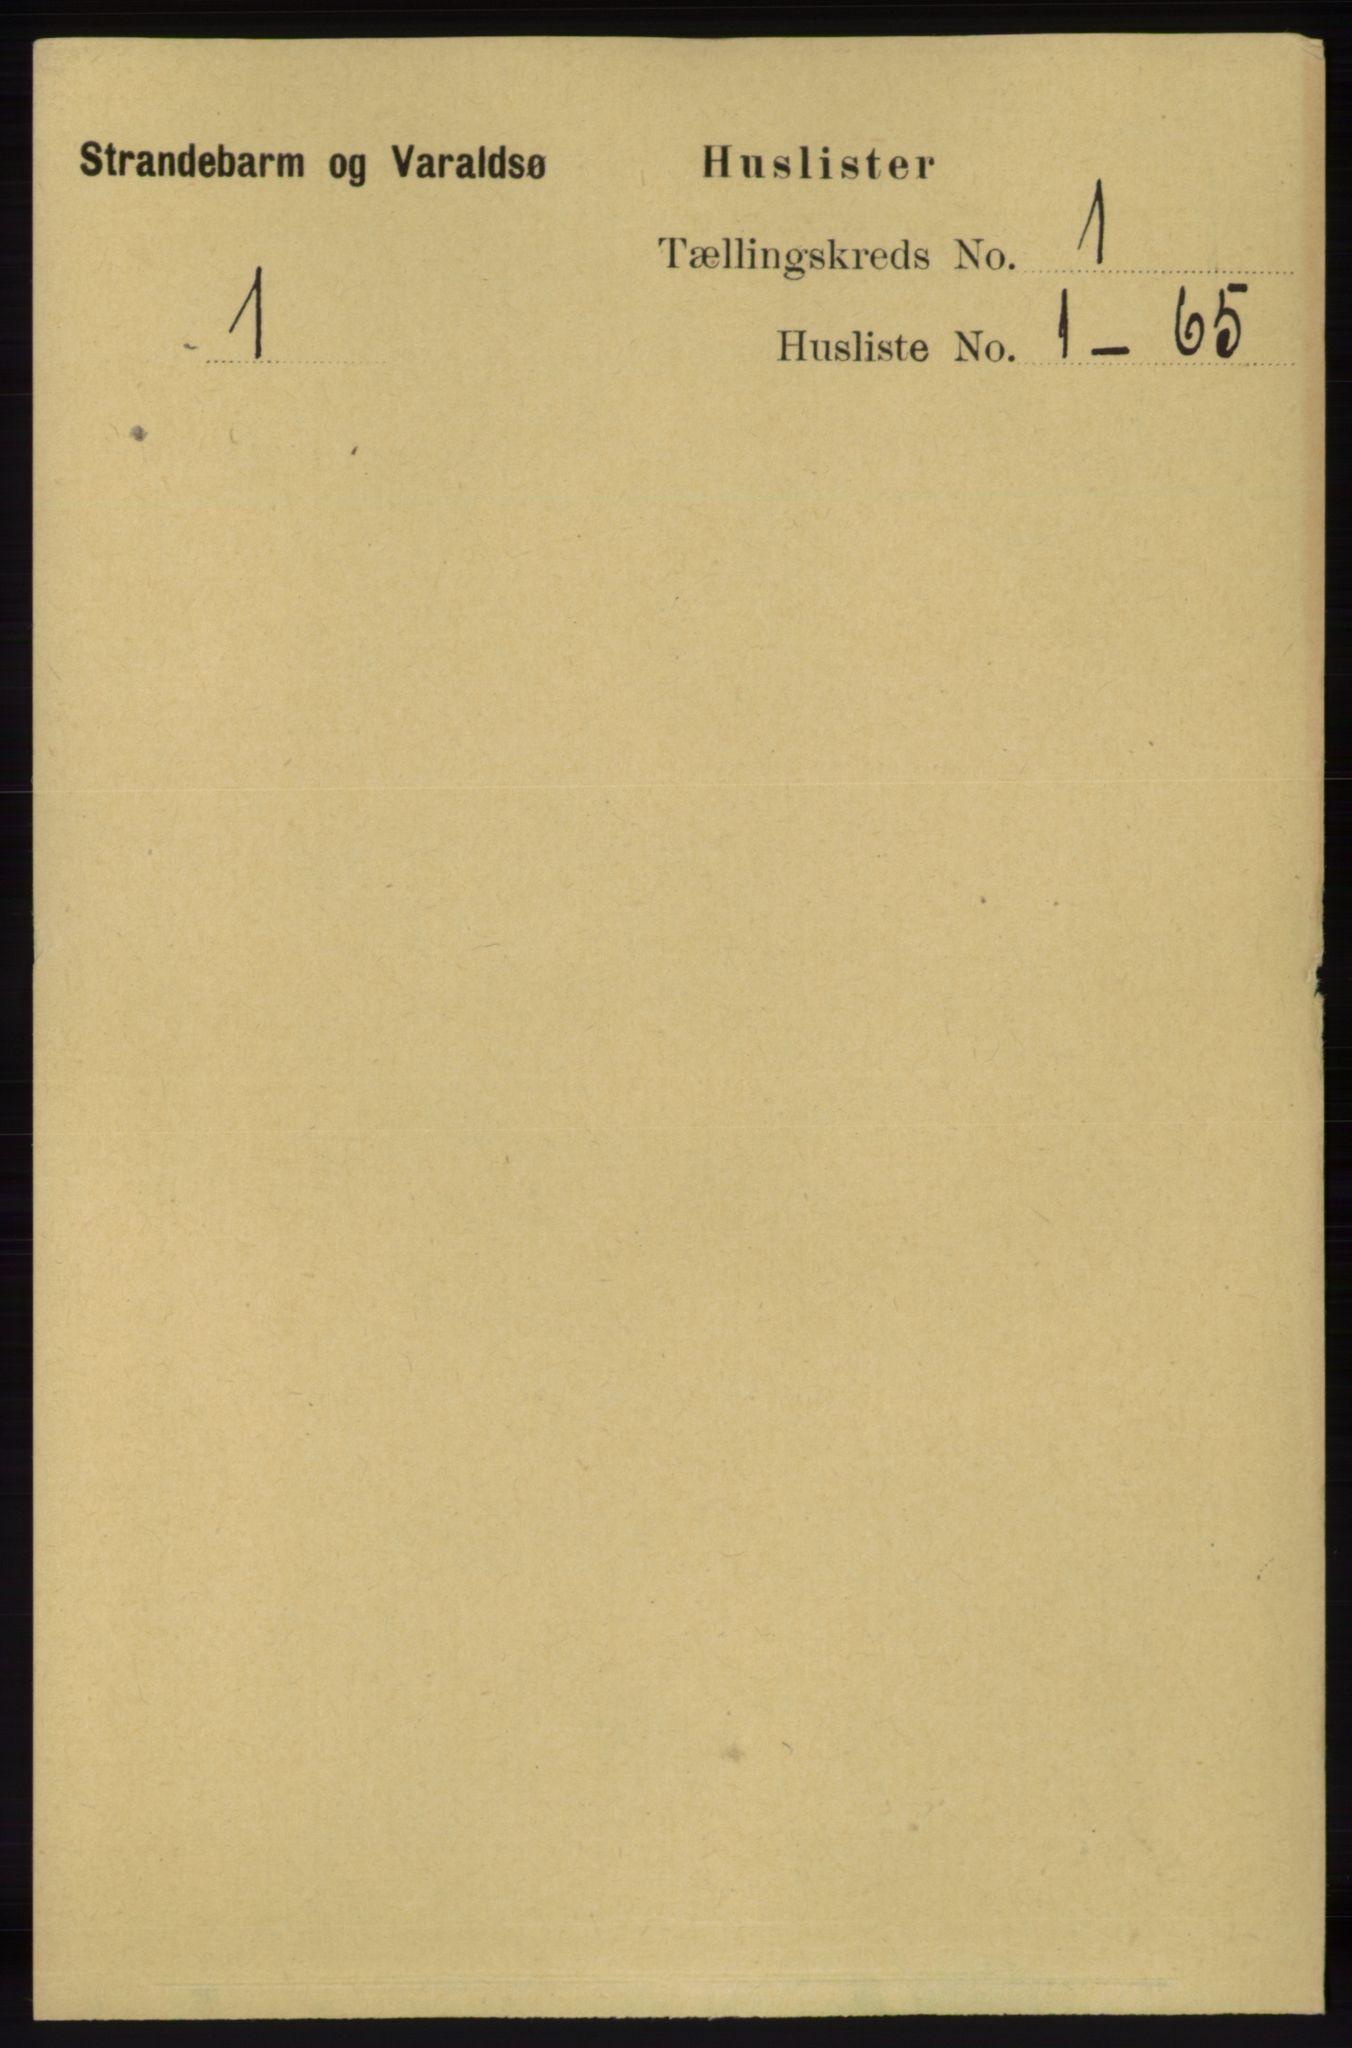 RA, Folketelling 1891 for 1226 Strandebarm og Varaldsøy herred, 1891, s. 23